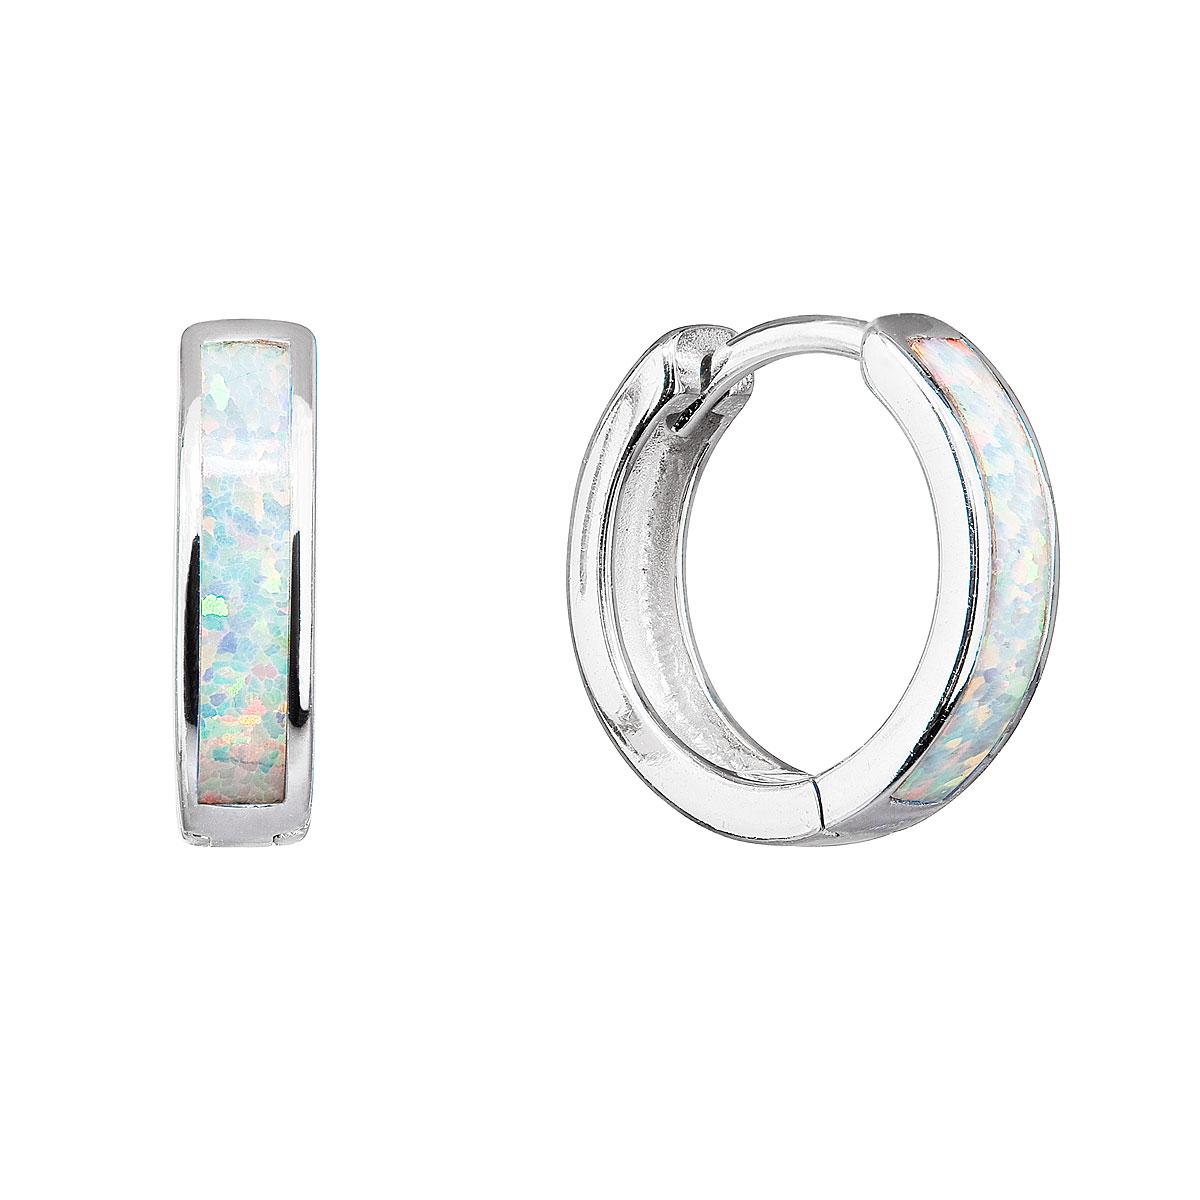 Strieborné náušnice kruhy so syntetickým opálom bielej 11402.1